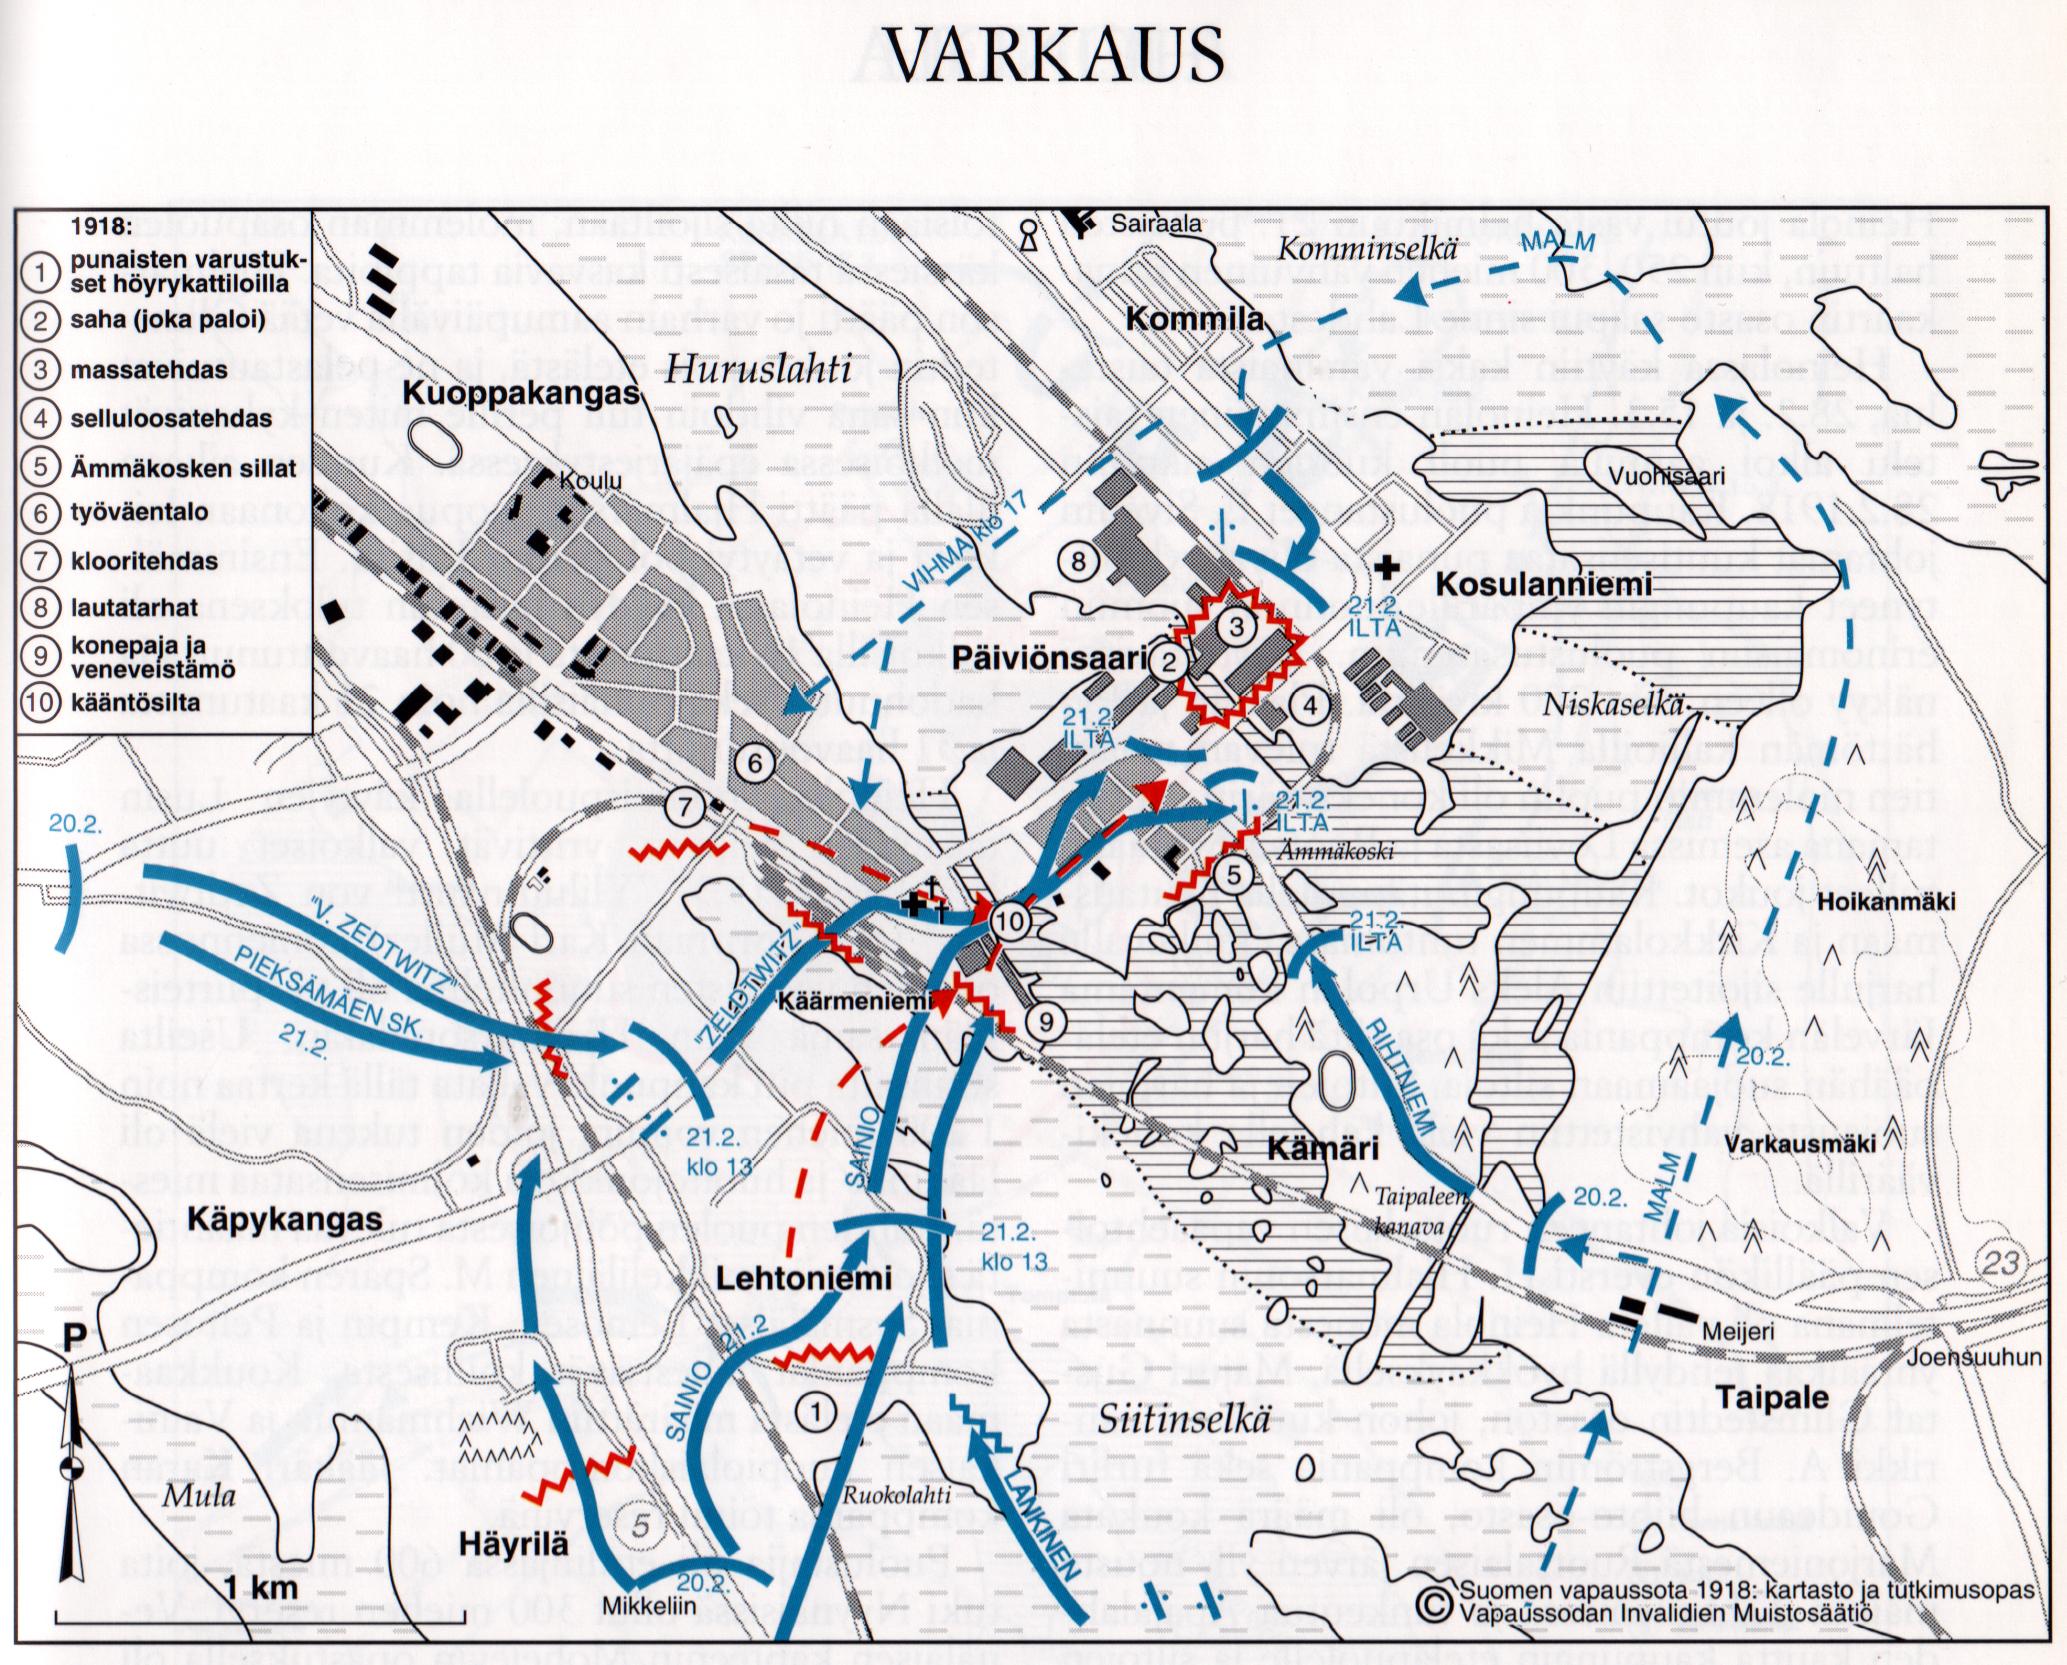 Valkoinen armeija valtasi Varkauden 19. – 21.2.1918 käydyssä taistelussa, joka alkoi Varkauden piirityksellä 19. helmikuuta. Varsinainen hyökkäys alkoi 20. helmikuuta. Punaiset antautuivat saman päivän iltana klo 22, minkä jälkeen alkoivat rankaisutoimet. (Vapaussodan Invalidien Muistosäätiö)